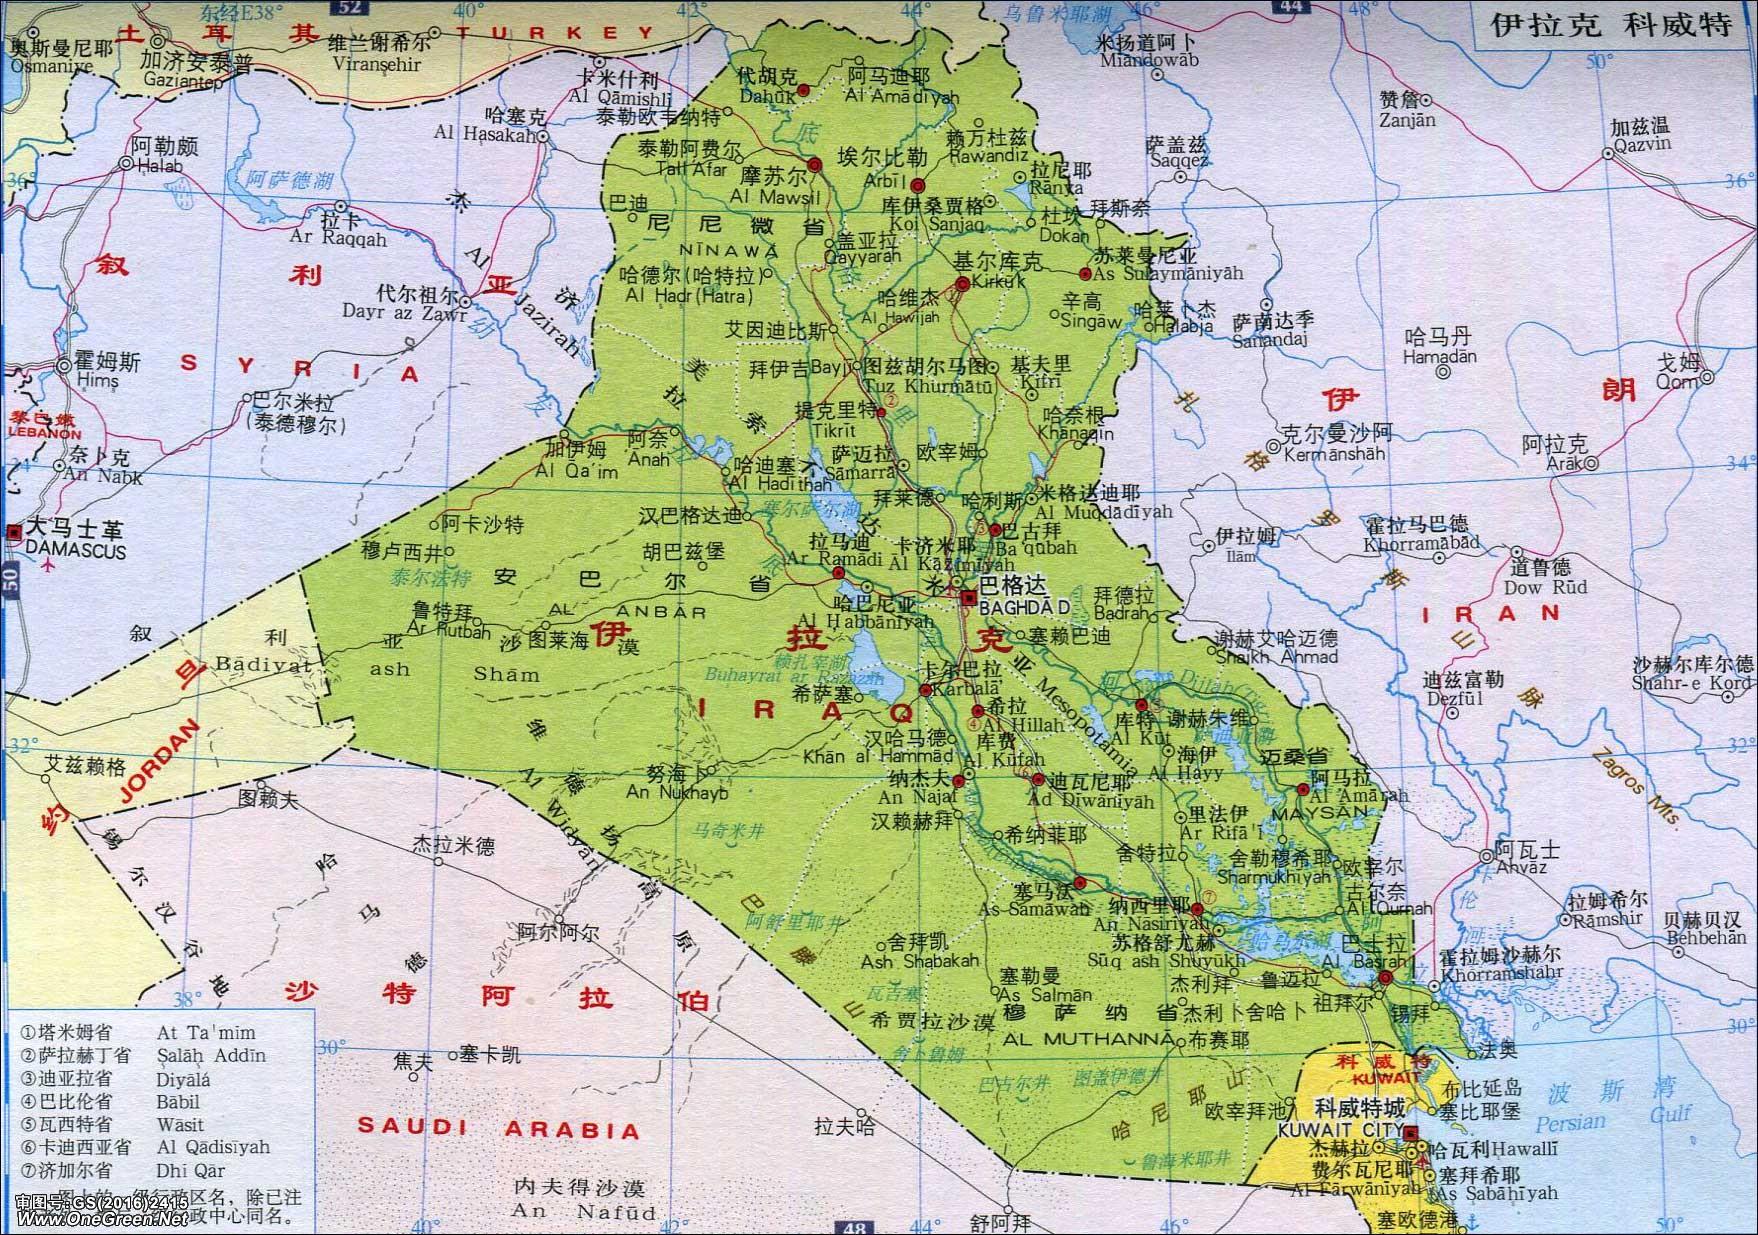 伊拉克地图_伊朗伊拉克地图图片